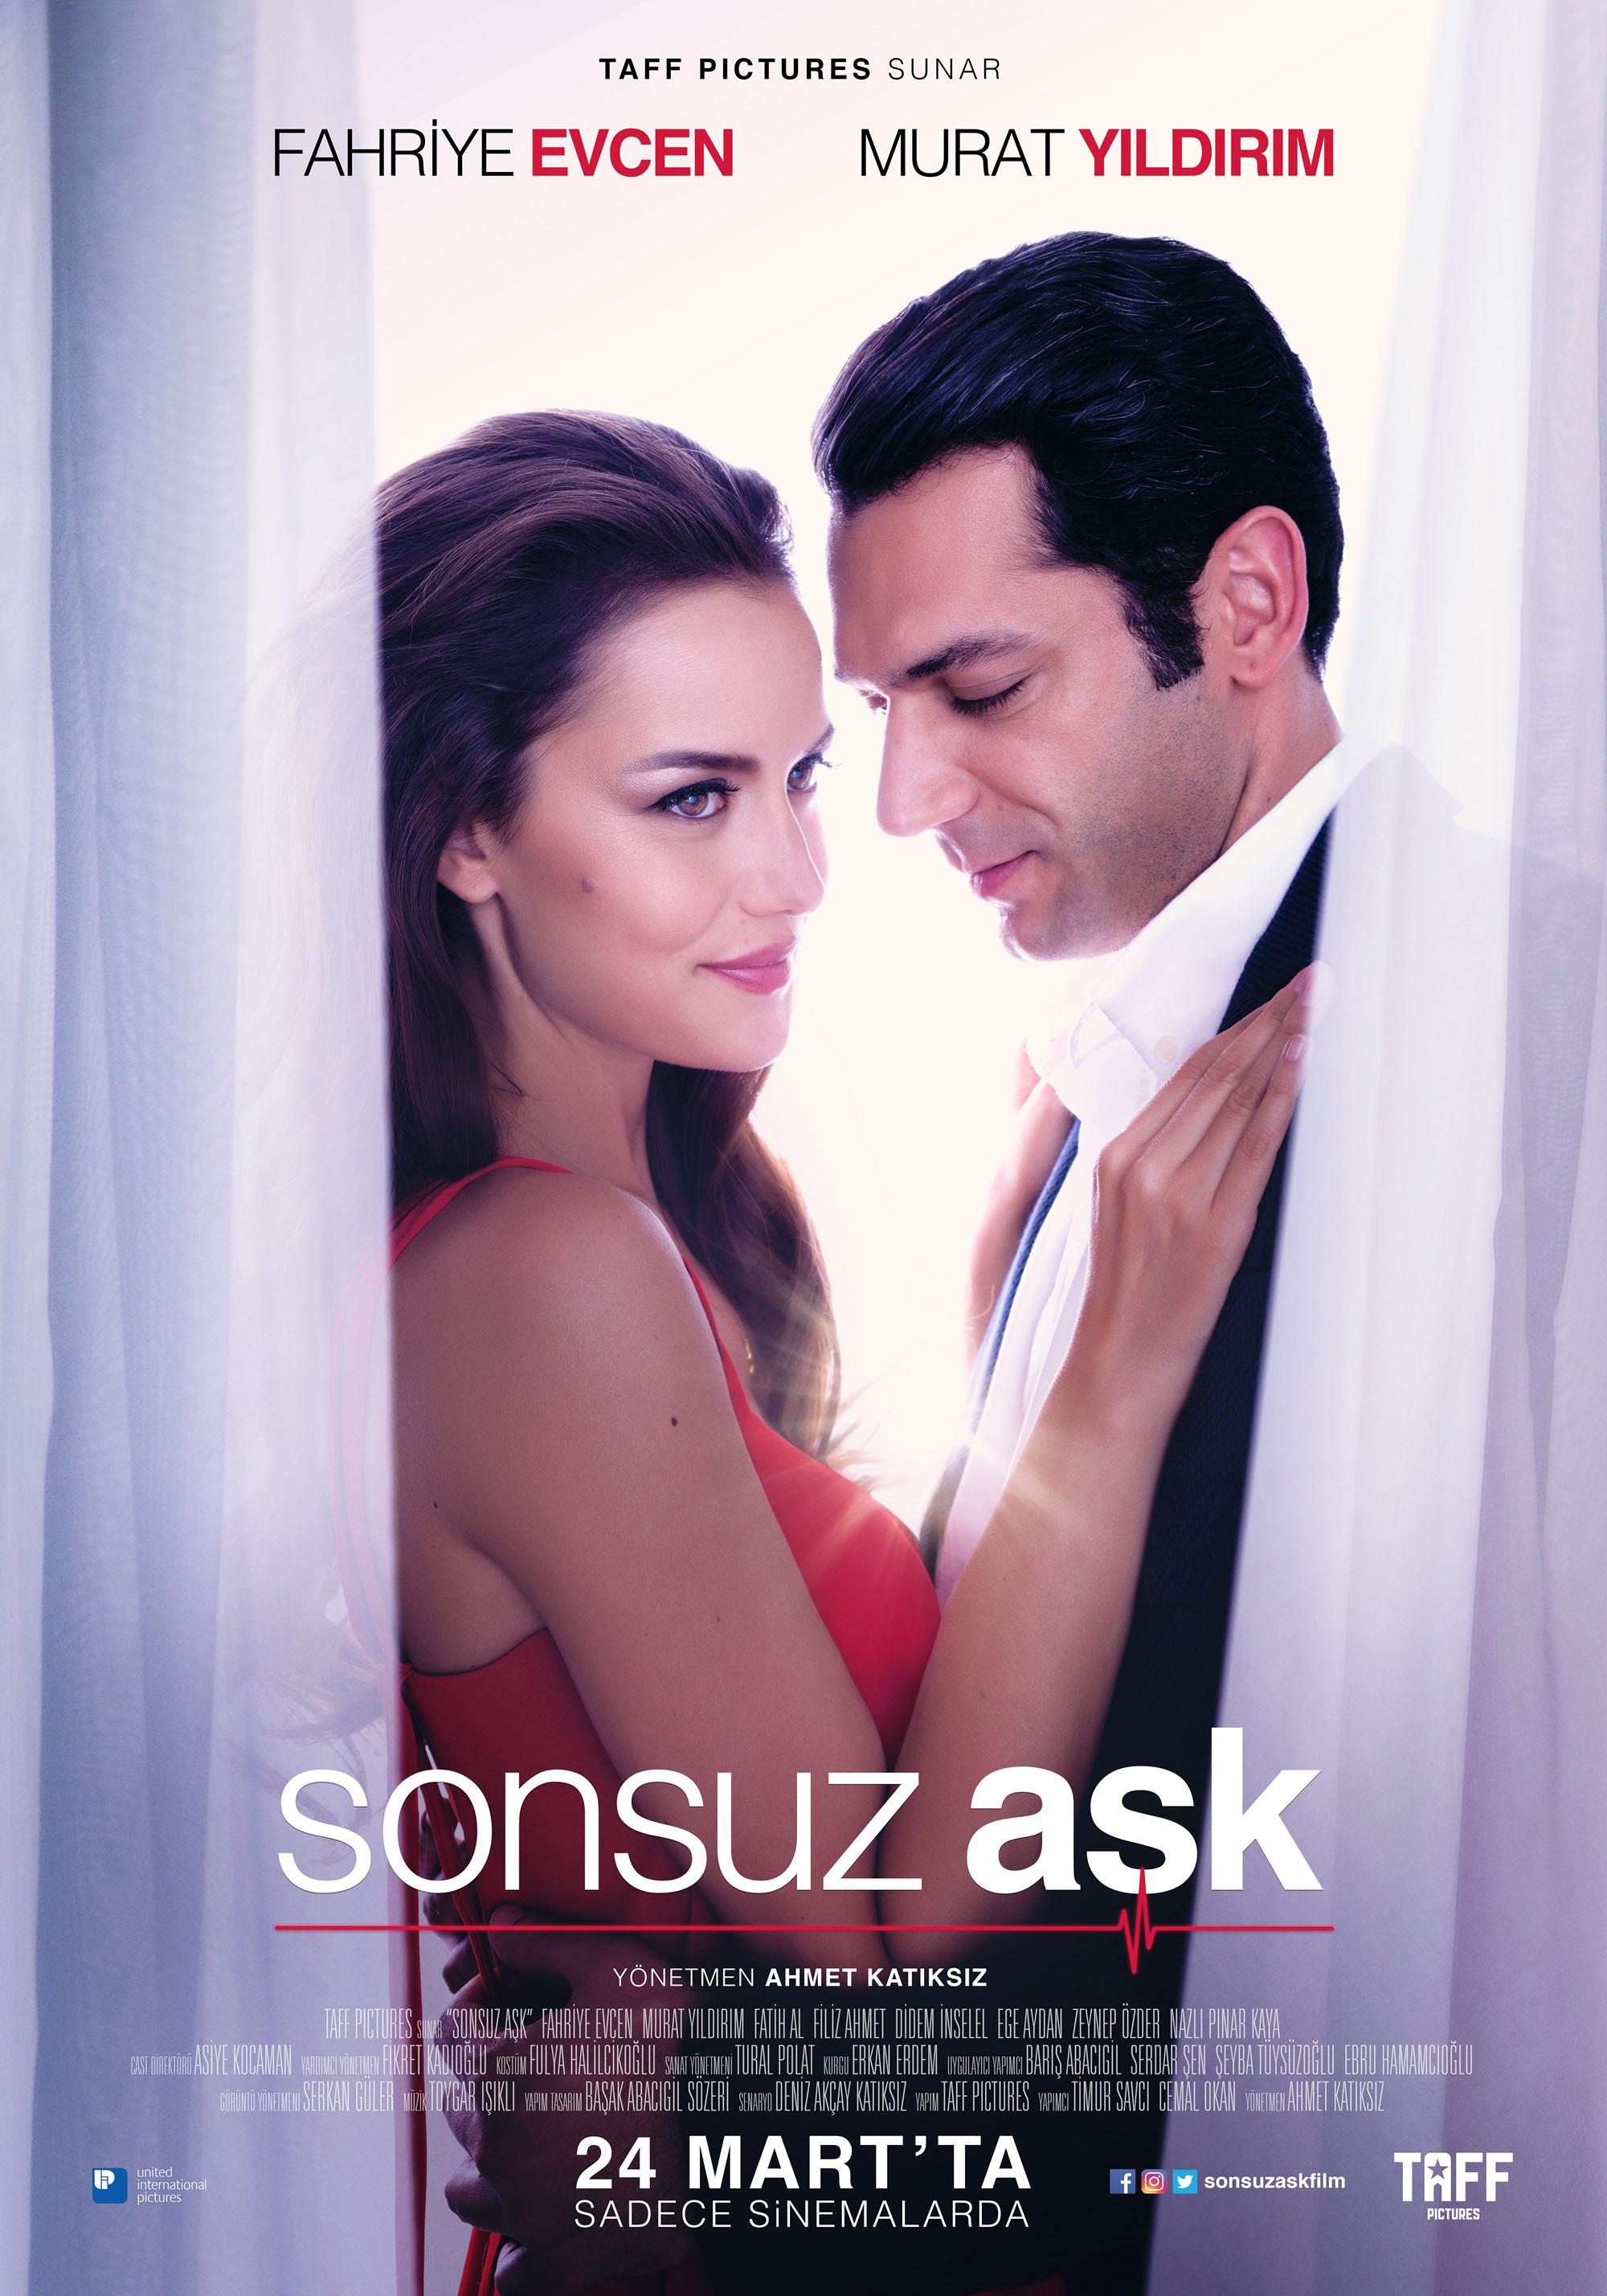 فيلم الحب الأبدي Sonsuz Ask